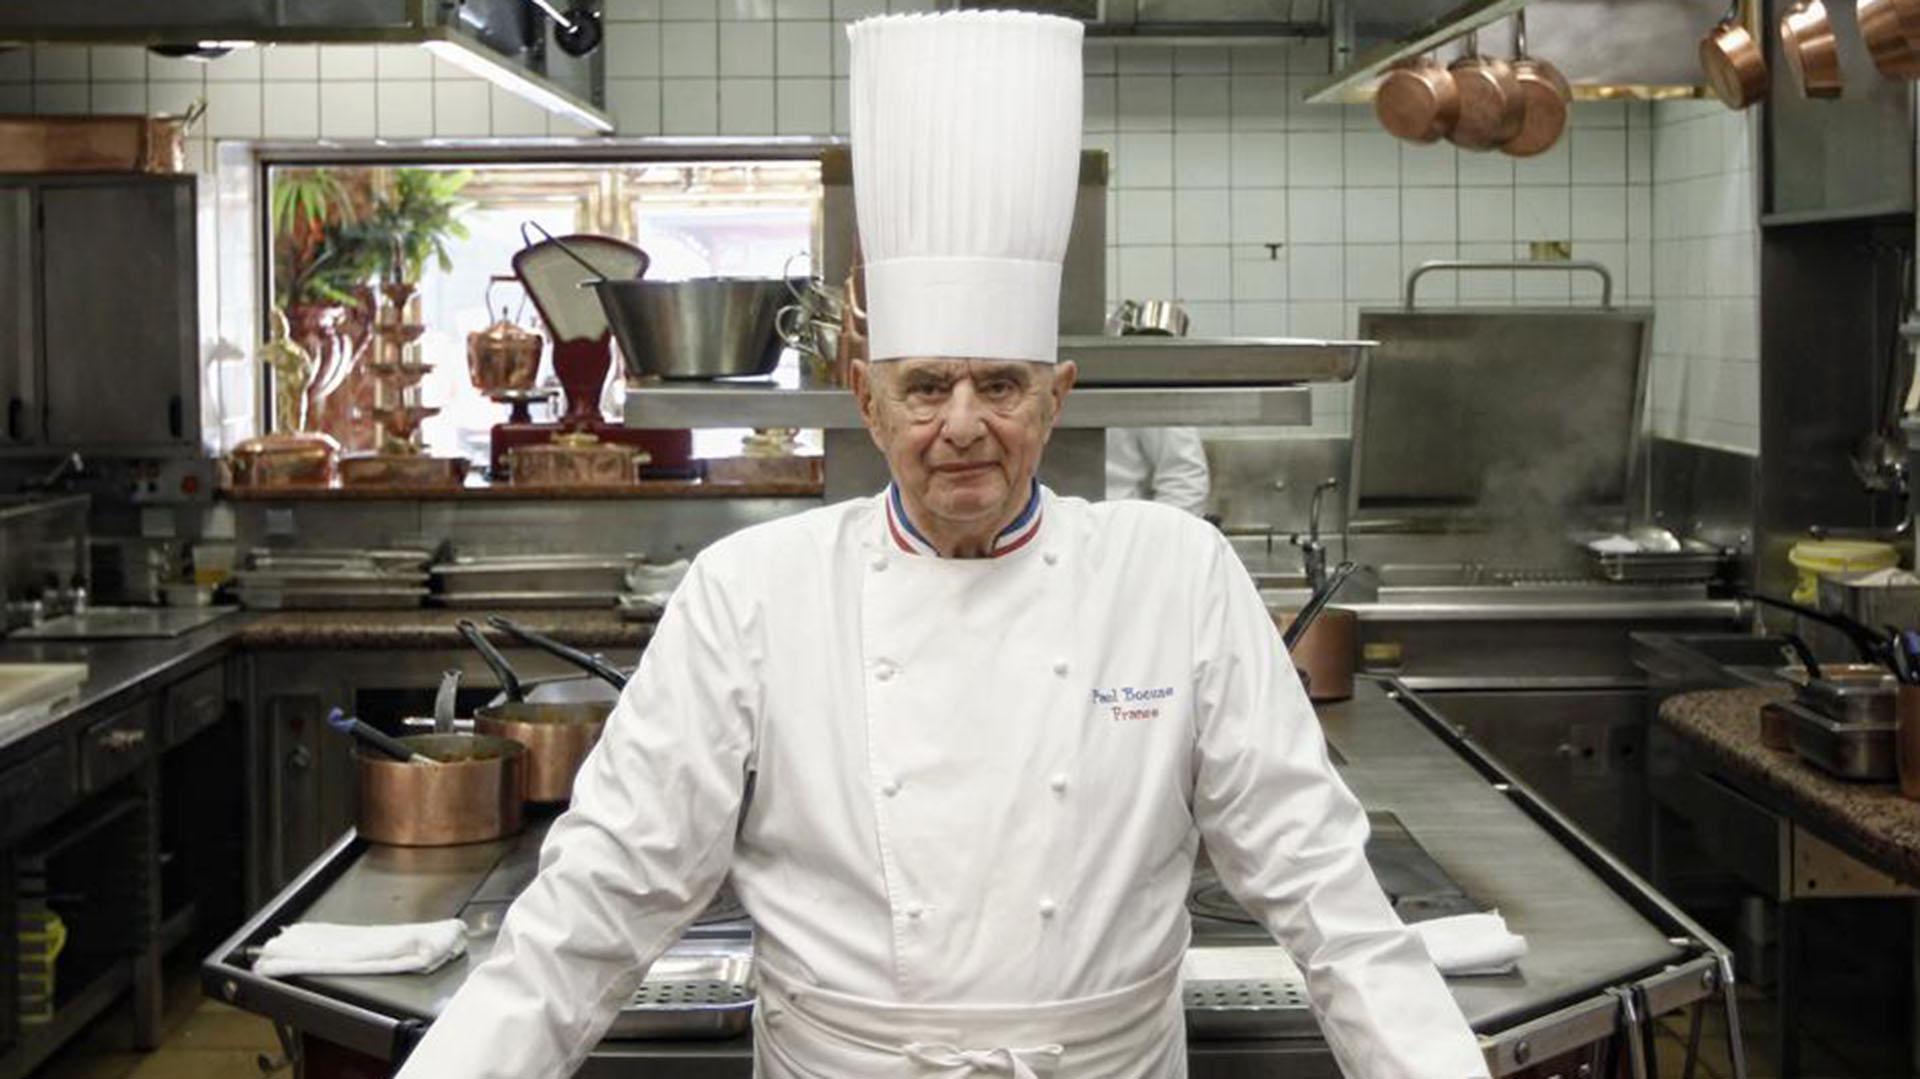 Muri el chef paul bocuse el papa de la gastronom a for Chef en frances